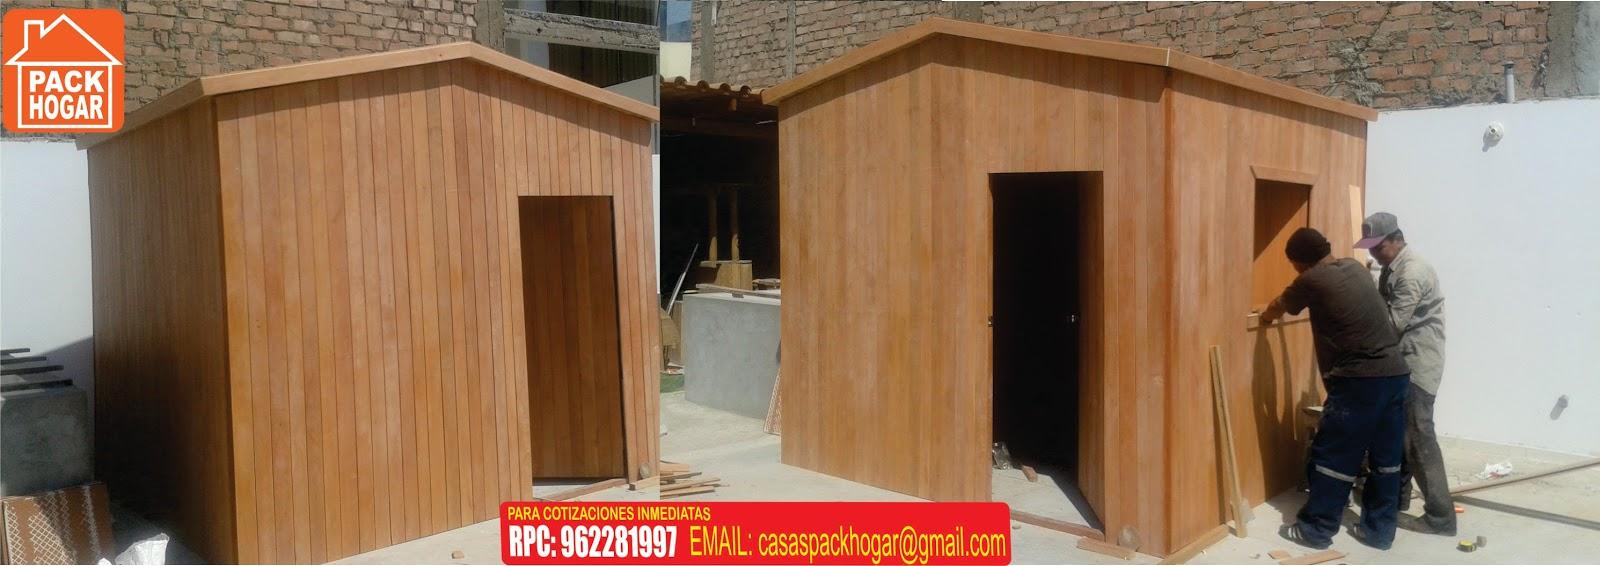 Casetas prefabricadas para terrazas packhogar for Casetas para terrazas